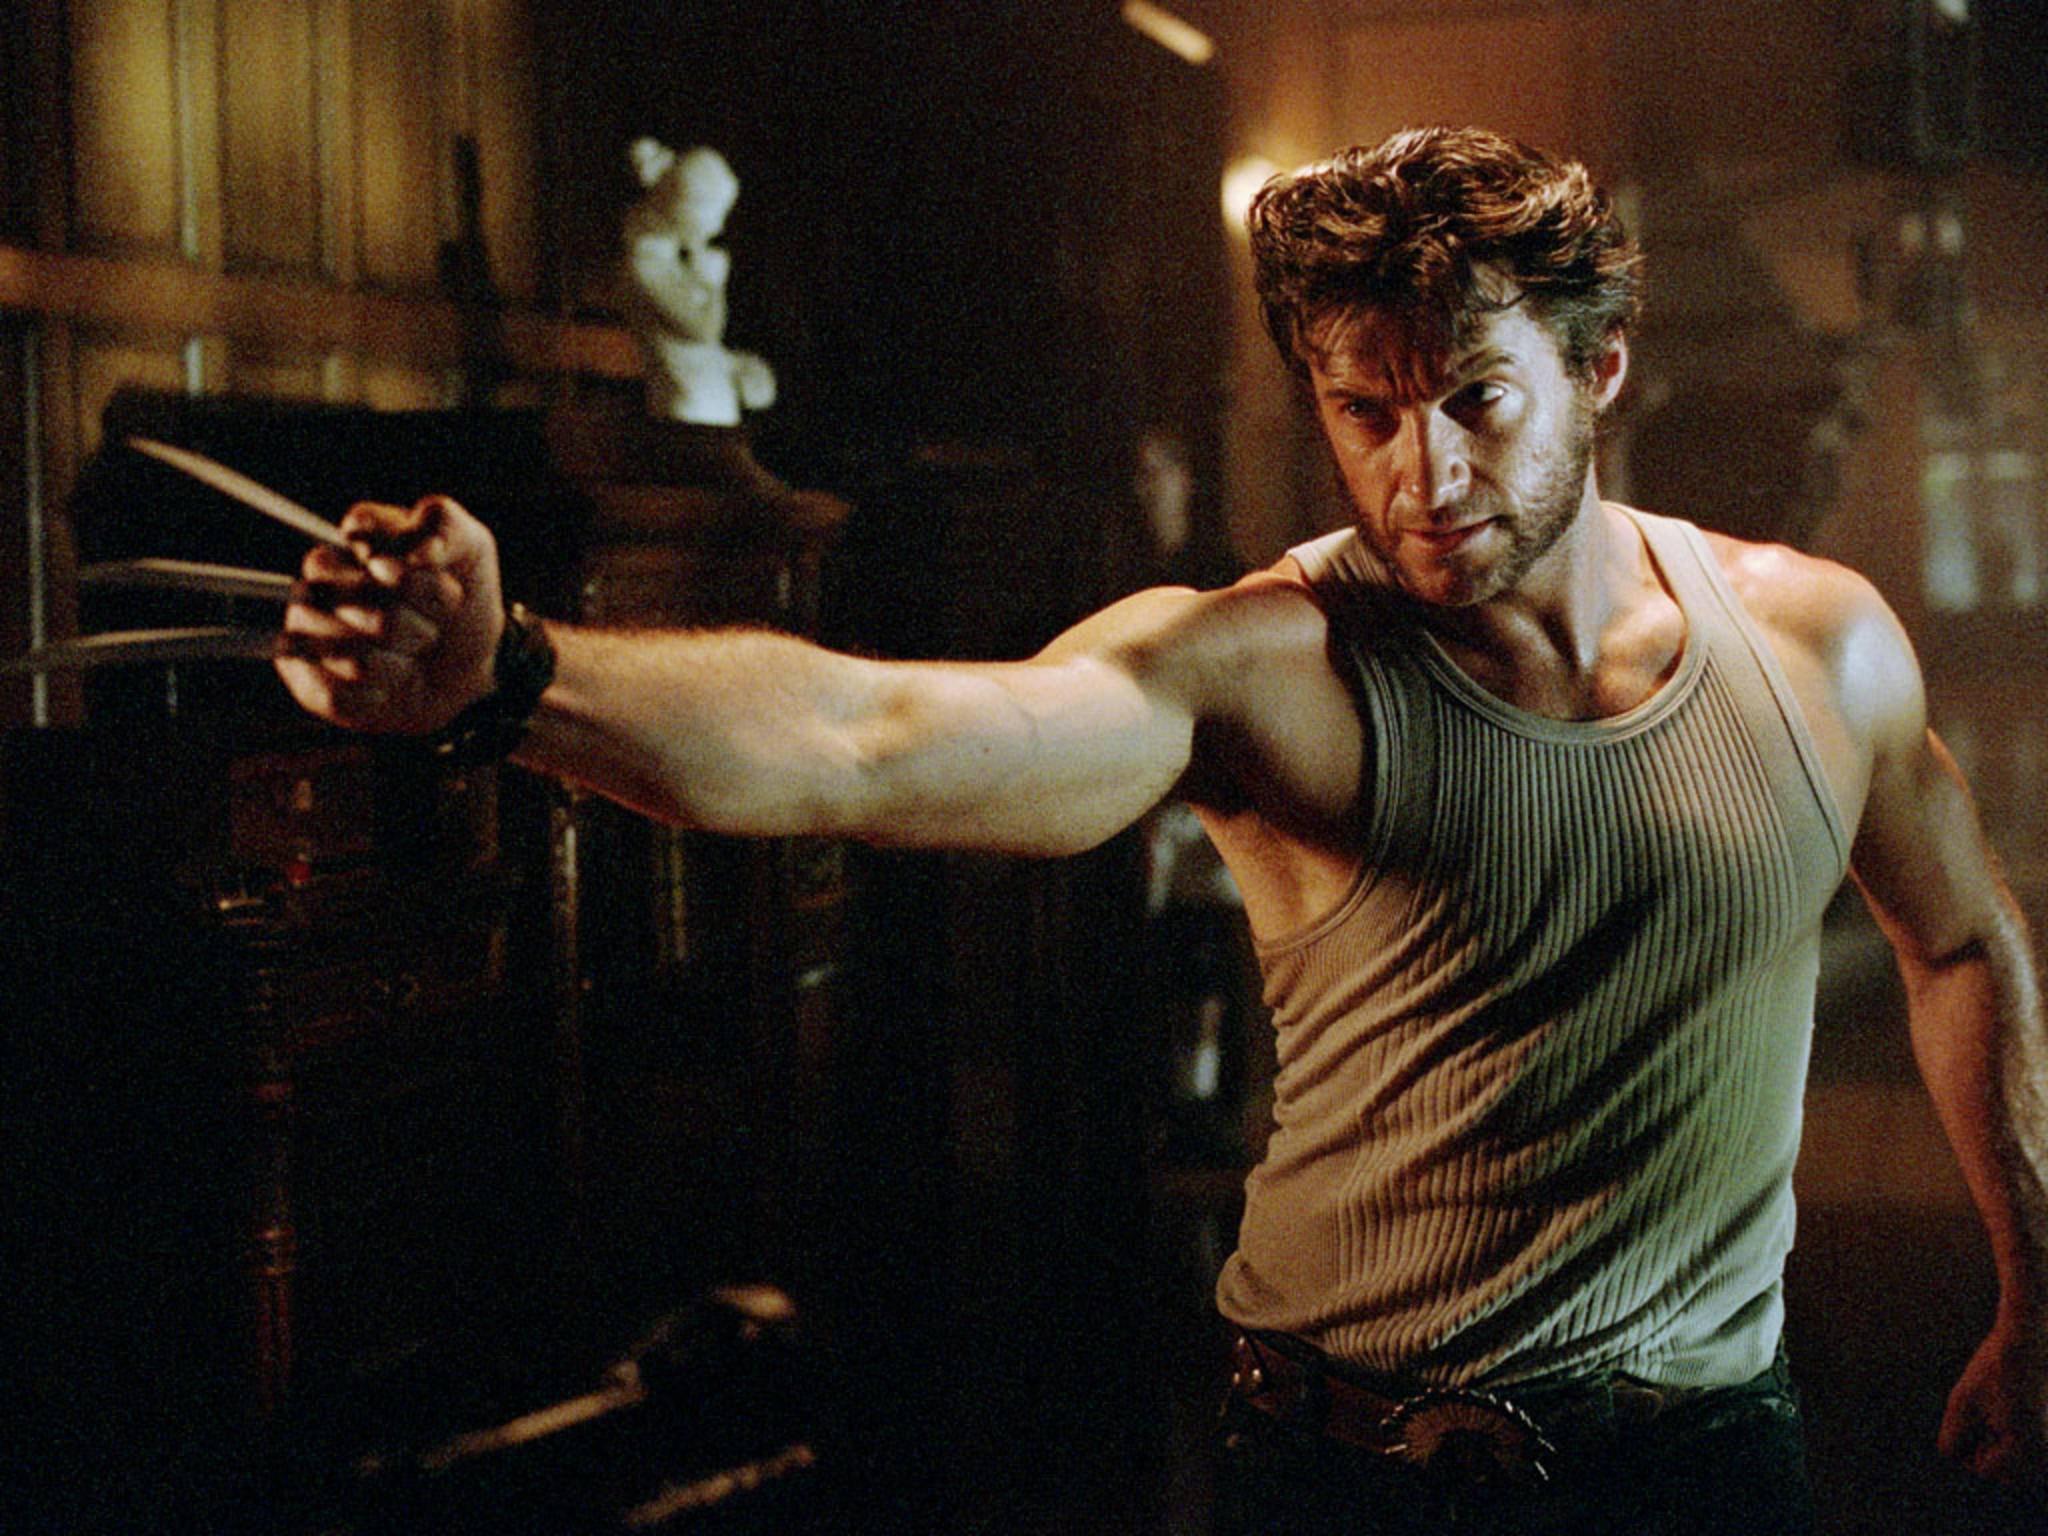 Der X-Man Wolverine hat Krallen in den Fäusten und wird im Film von Hugh Jackman gespielt.